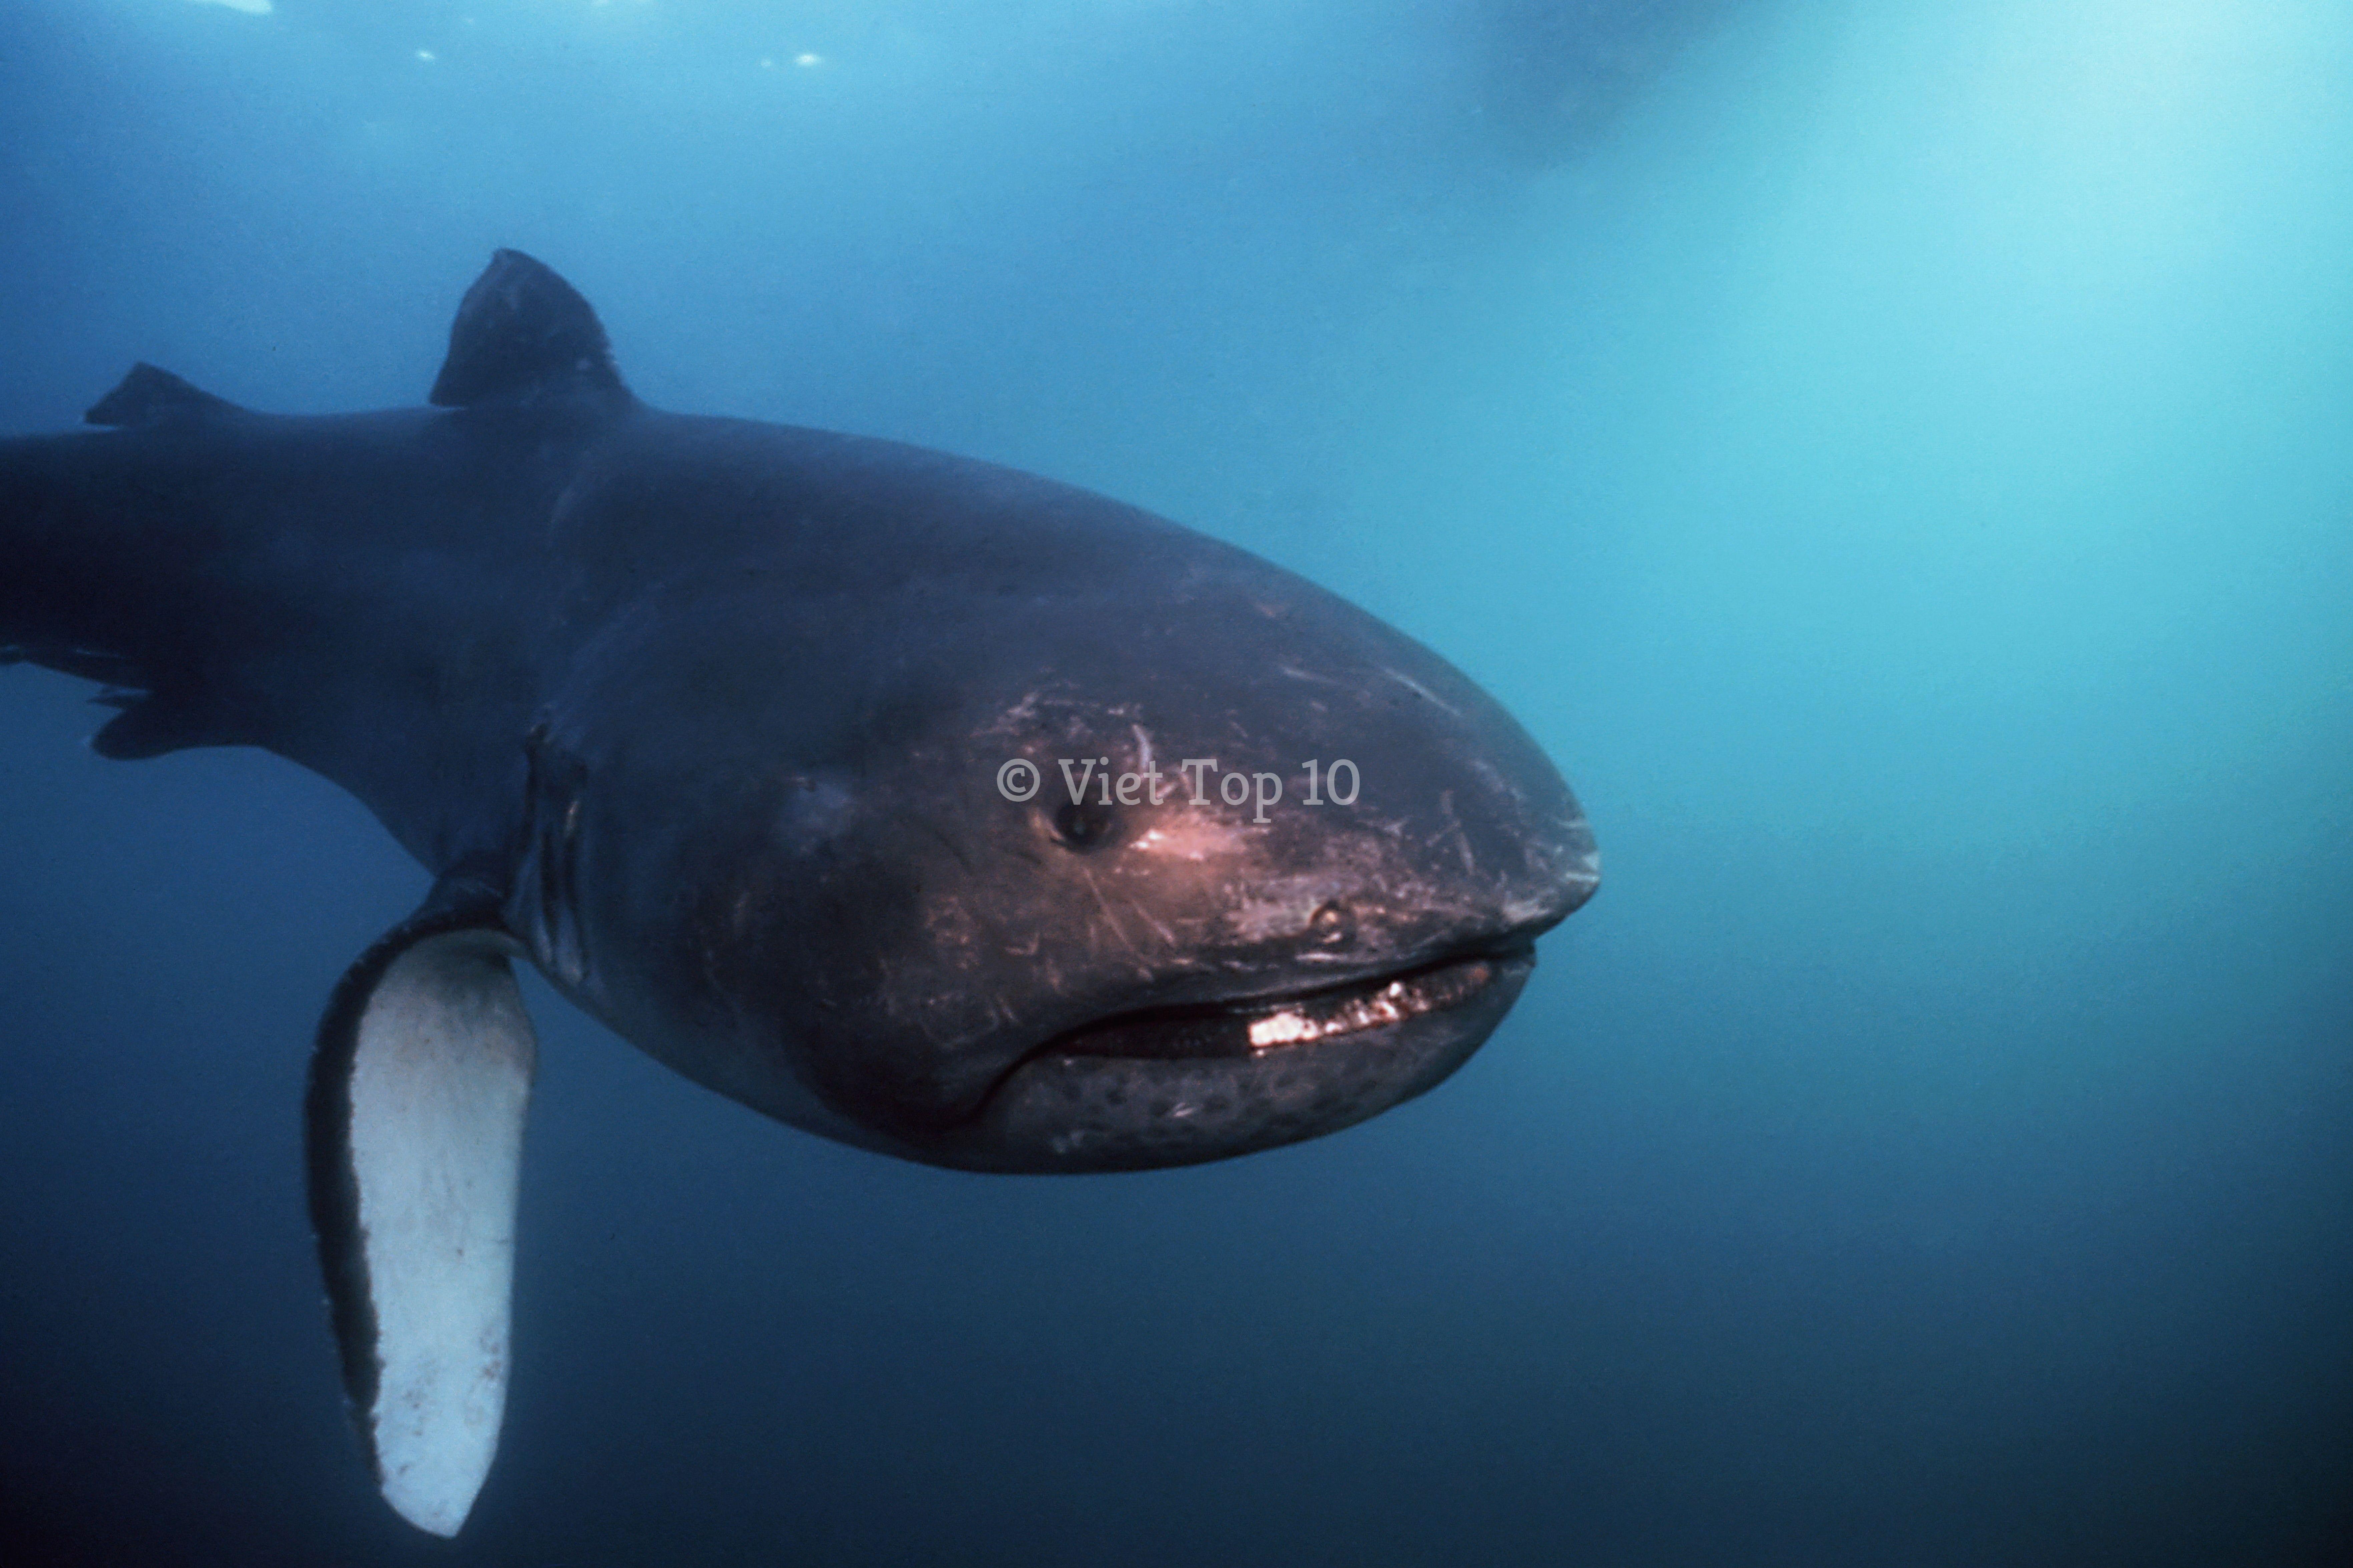 top 10 loài cá mập quái dị nhất dưới đáy đạitop 10 loài cá mập quái dị nhất dưới đáy đại dương - việt top 10 - việt top 10 net - viettop10 dương - việt top 10 - việt top 10 net - viettop10